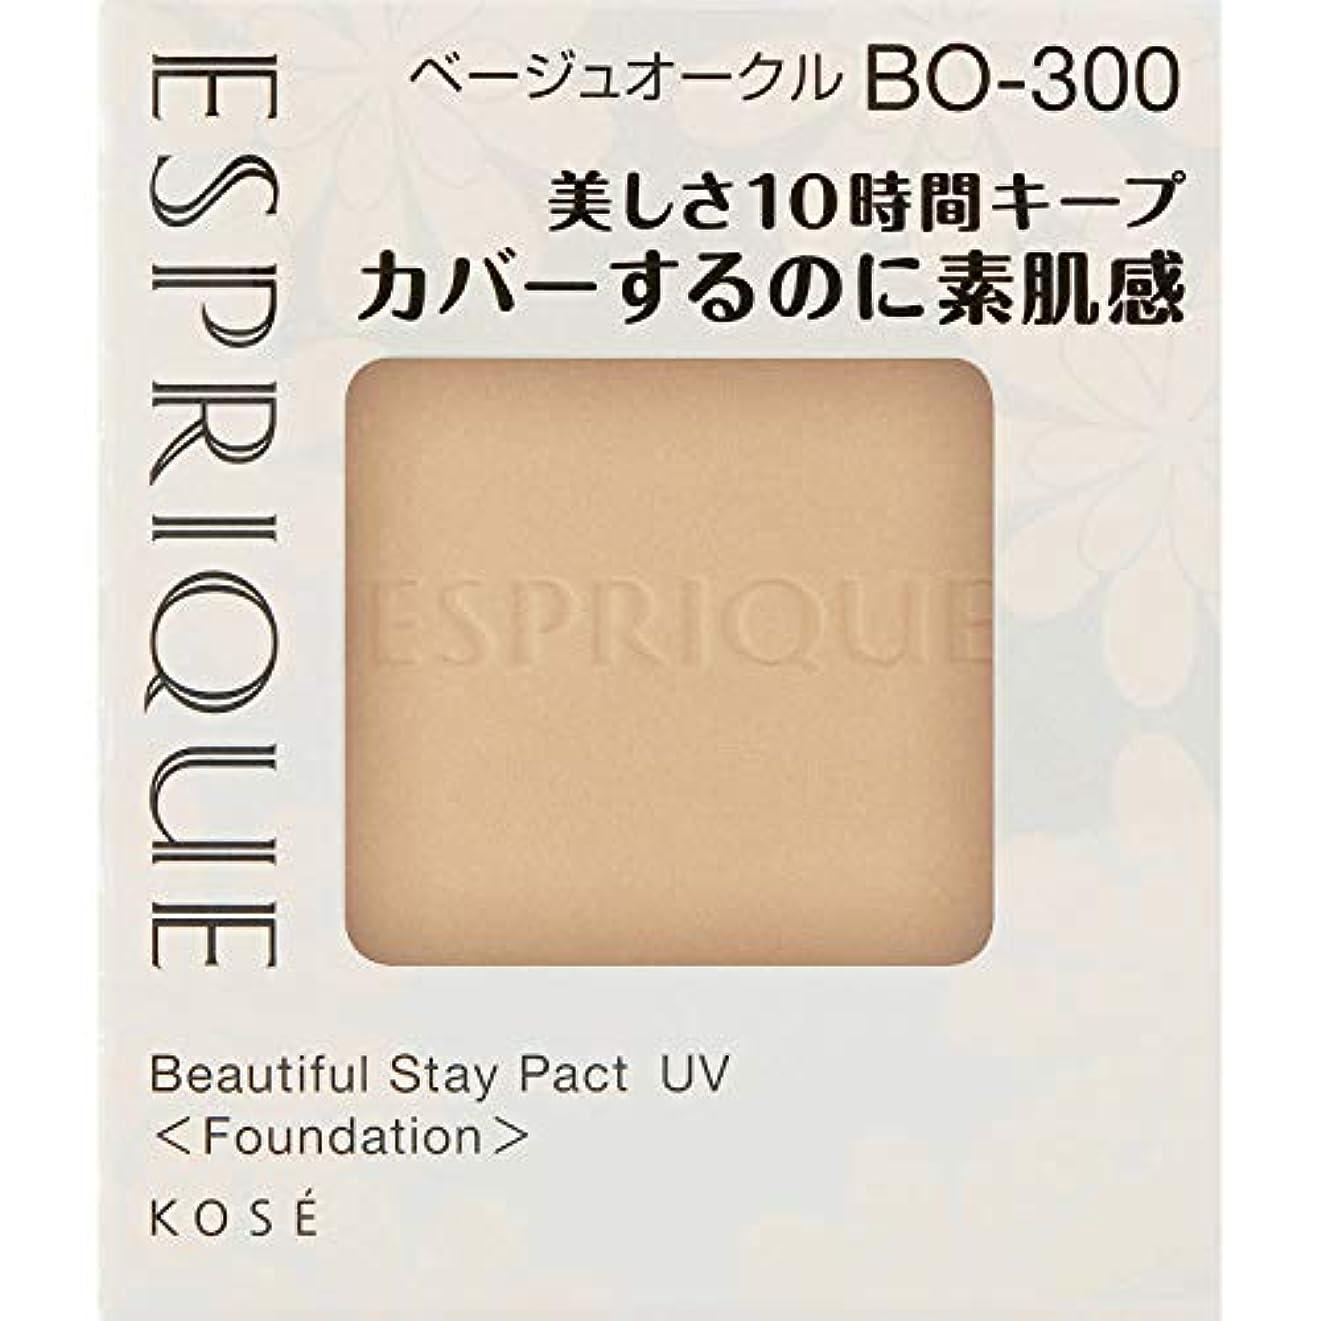 ライナー戸口溶融エスプリーク カバーするのに素肌感持続 パクト UV BO-300 ベージュオークル 9.3g